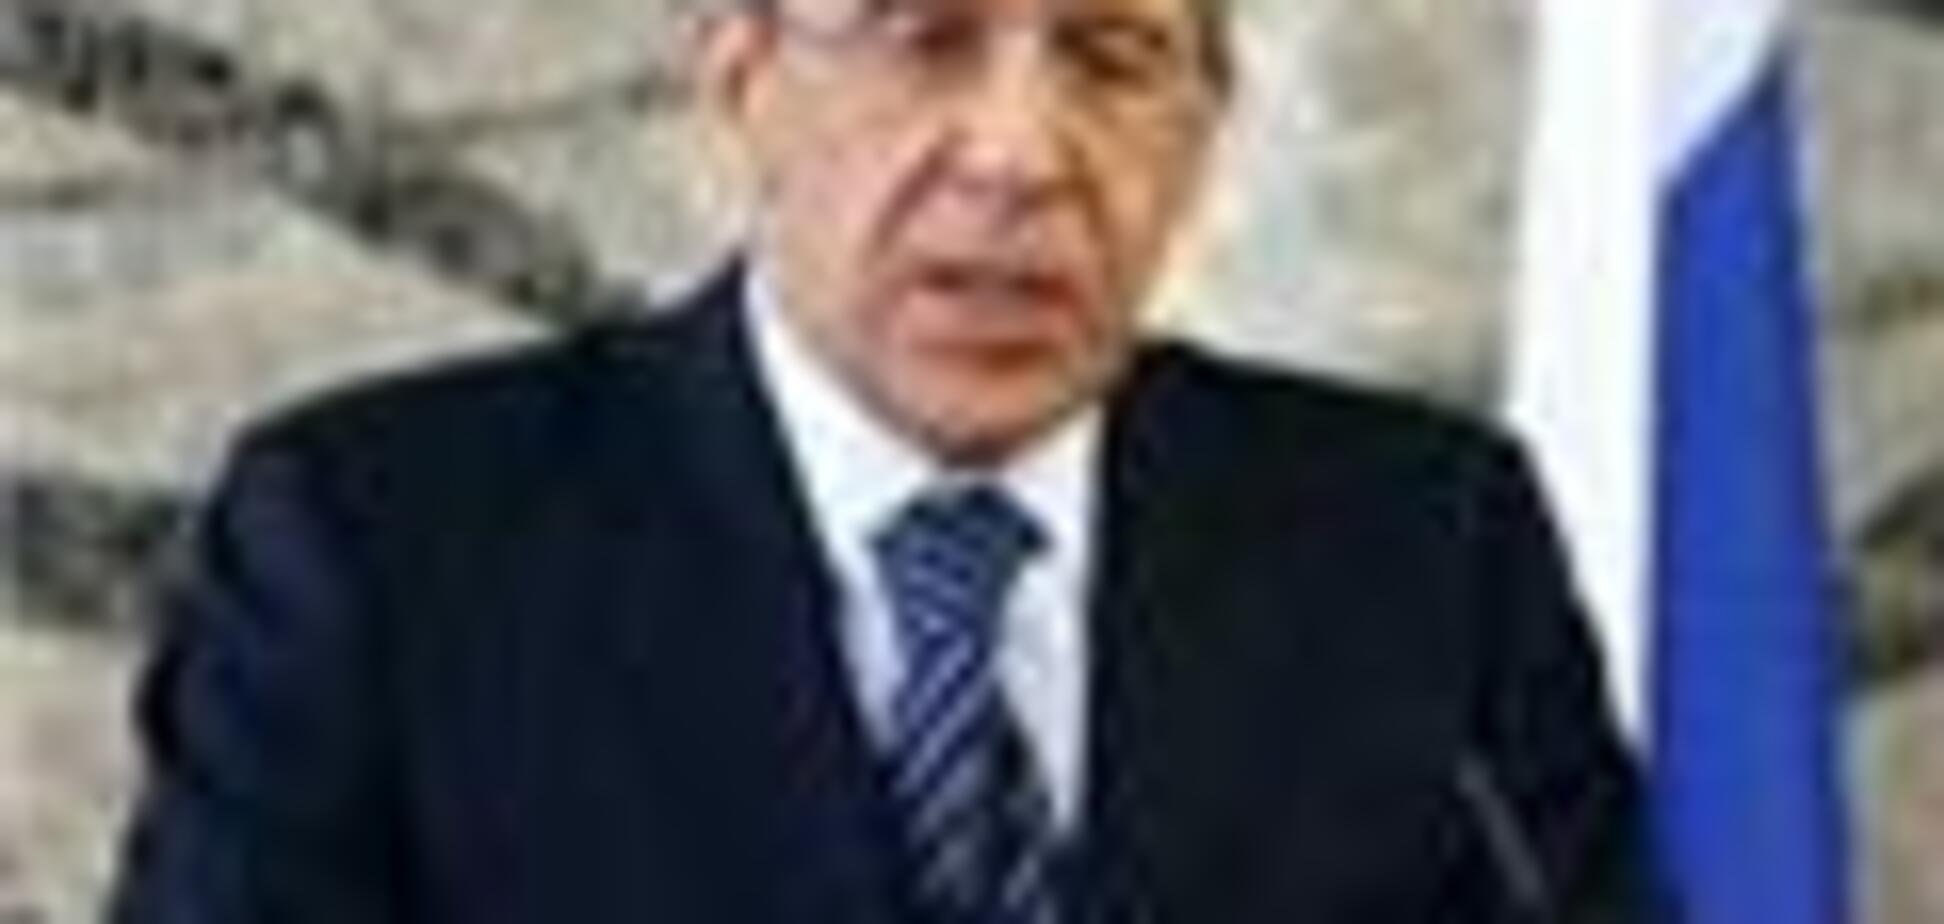 Лавров признал: в войне все стороны допускали 'излишества'